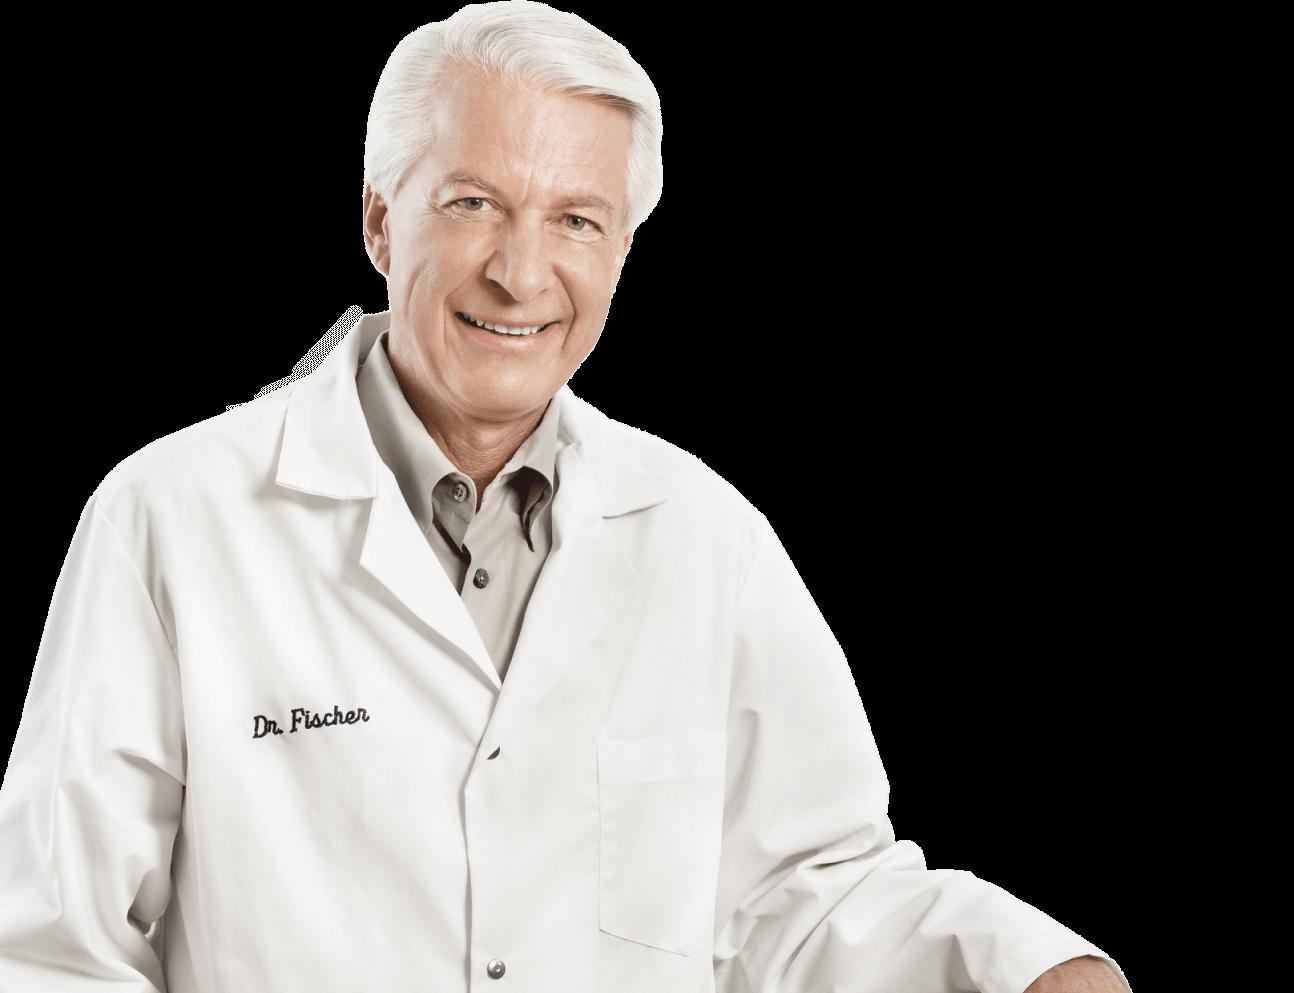 Dr. Fischer